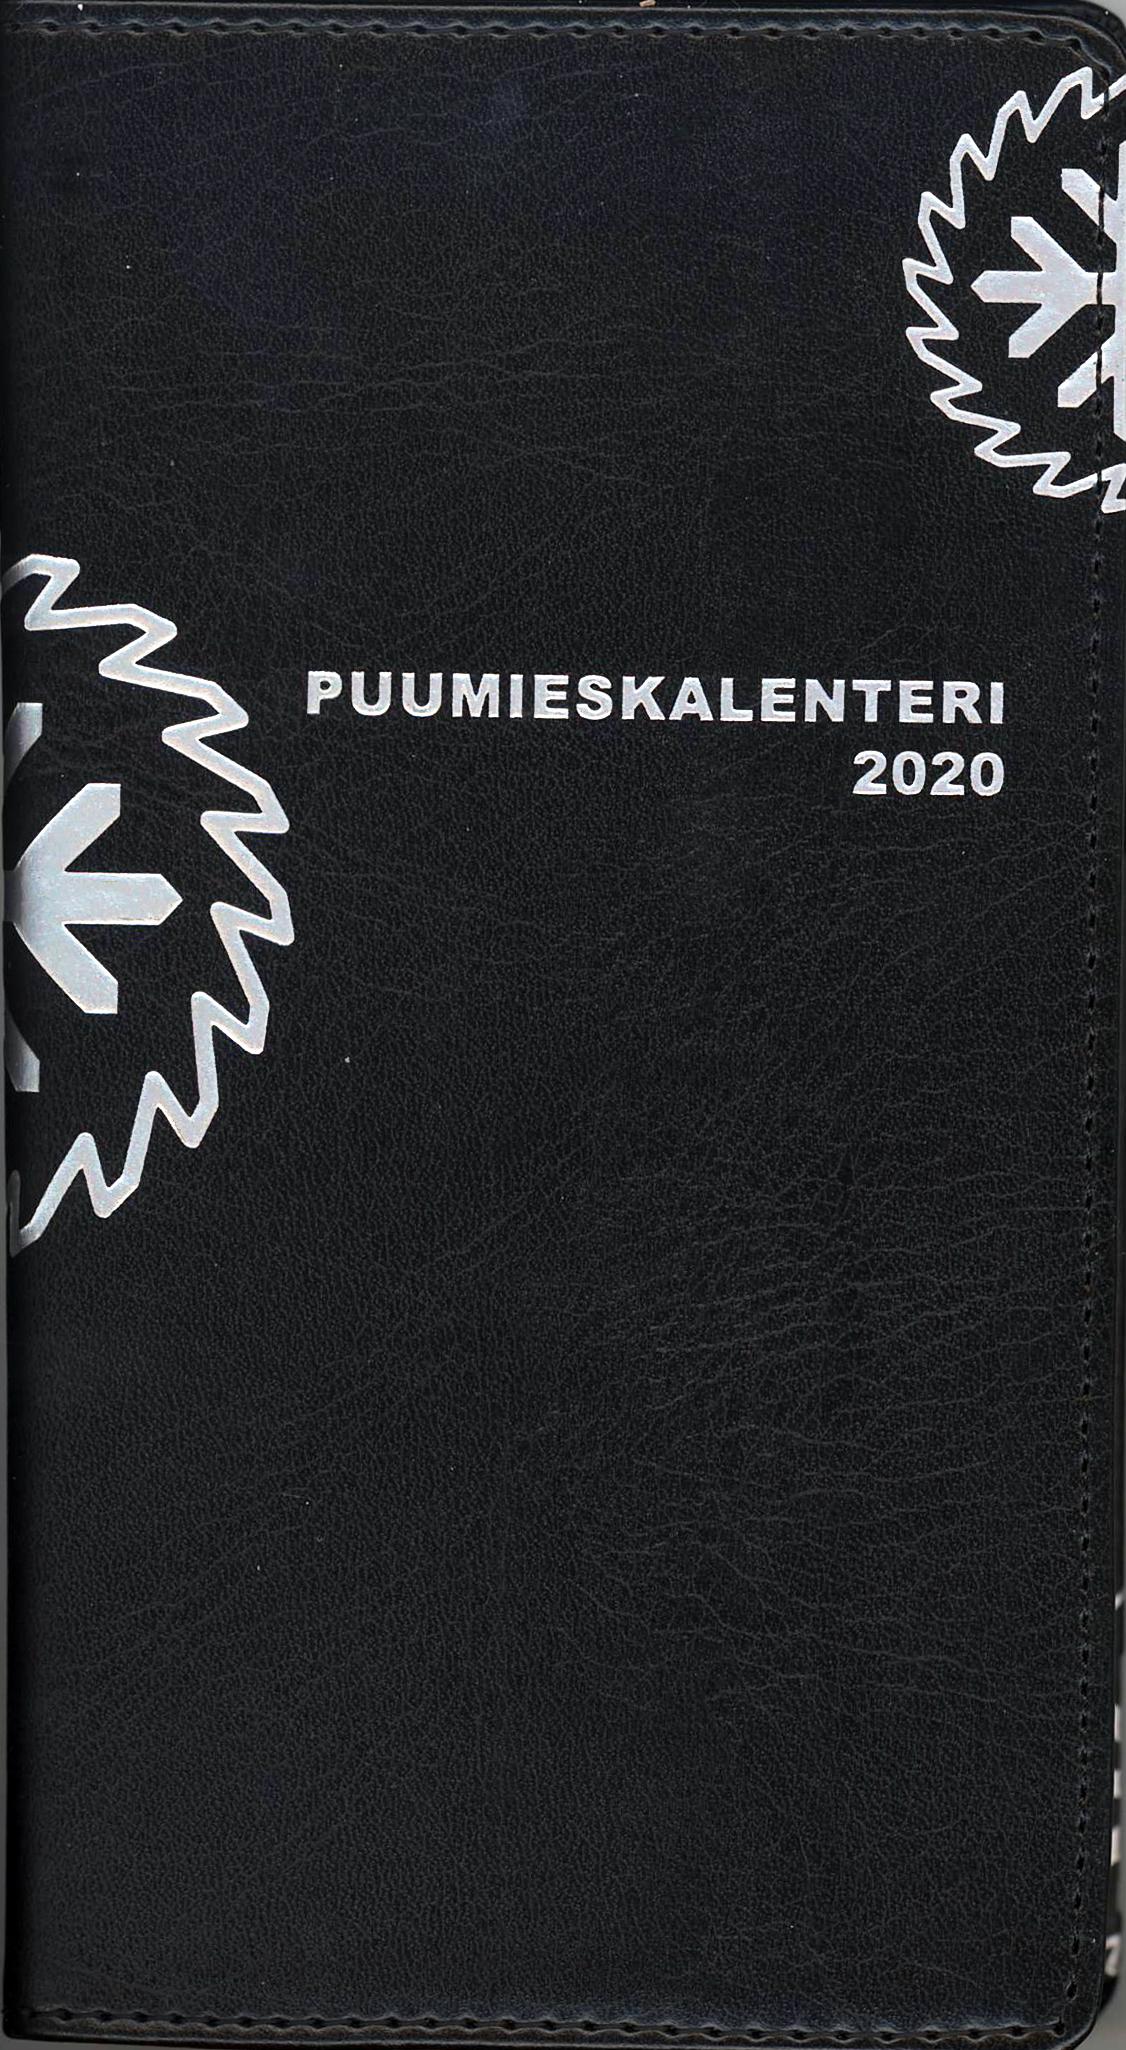 kalenteri-2020_kansi